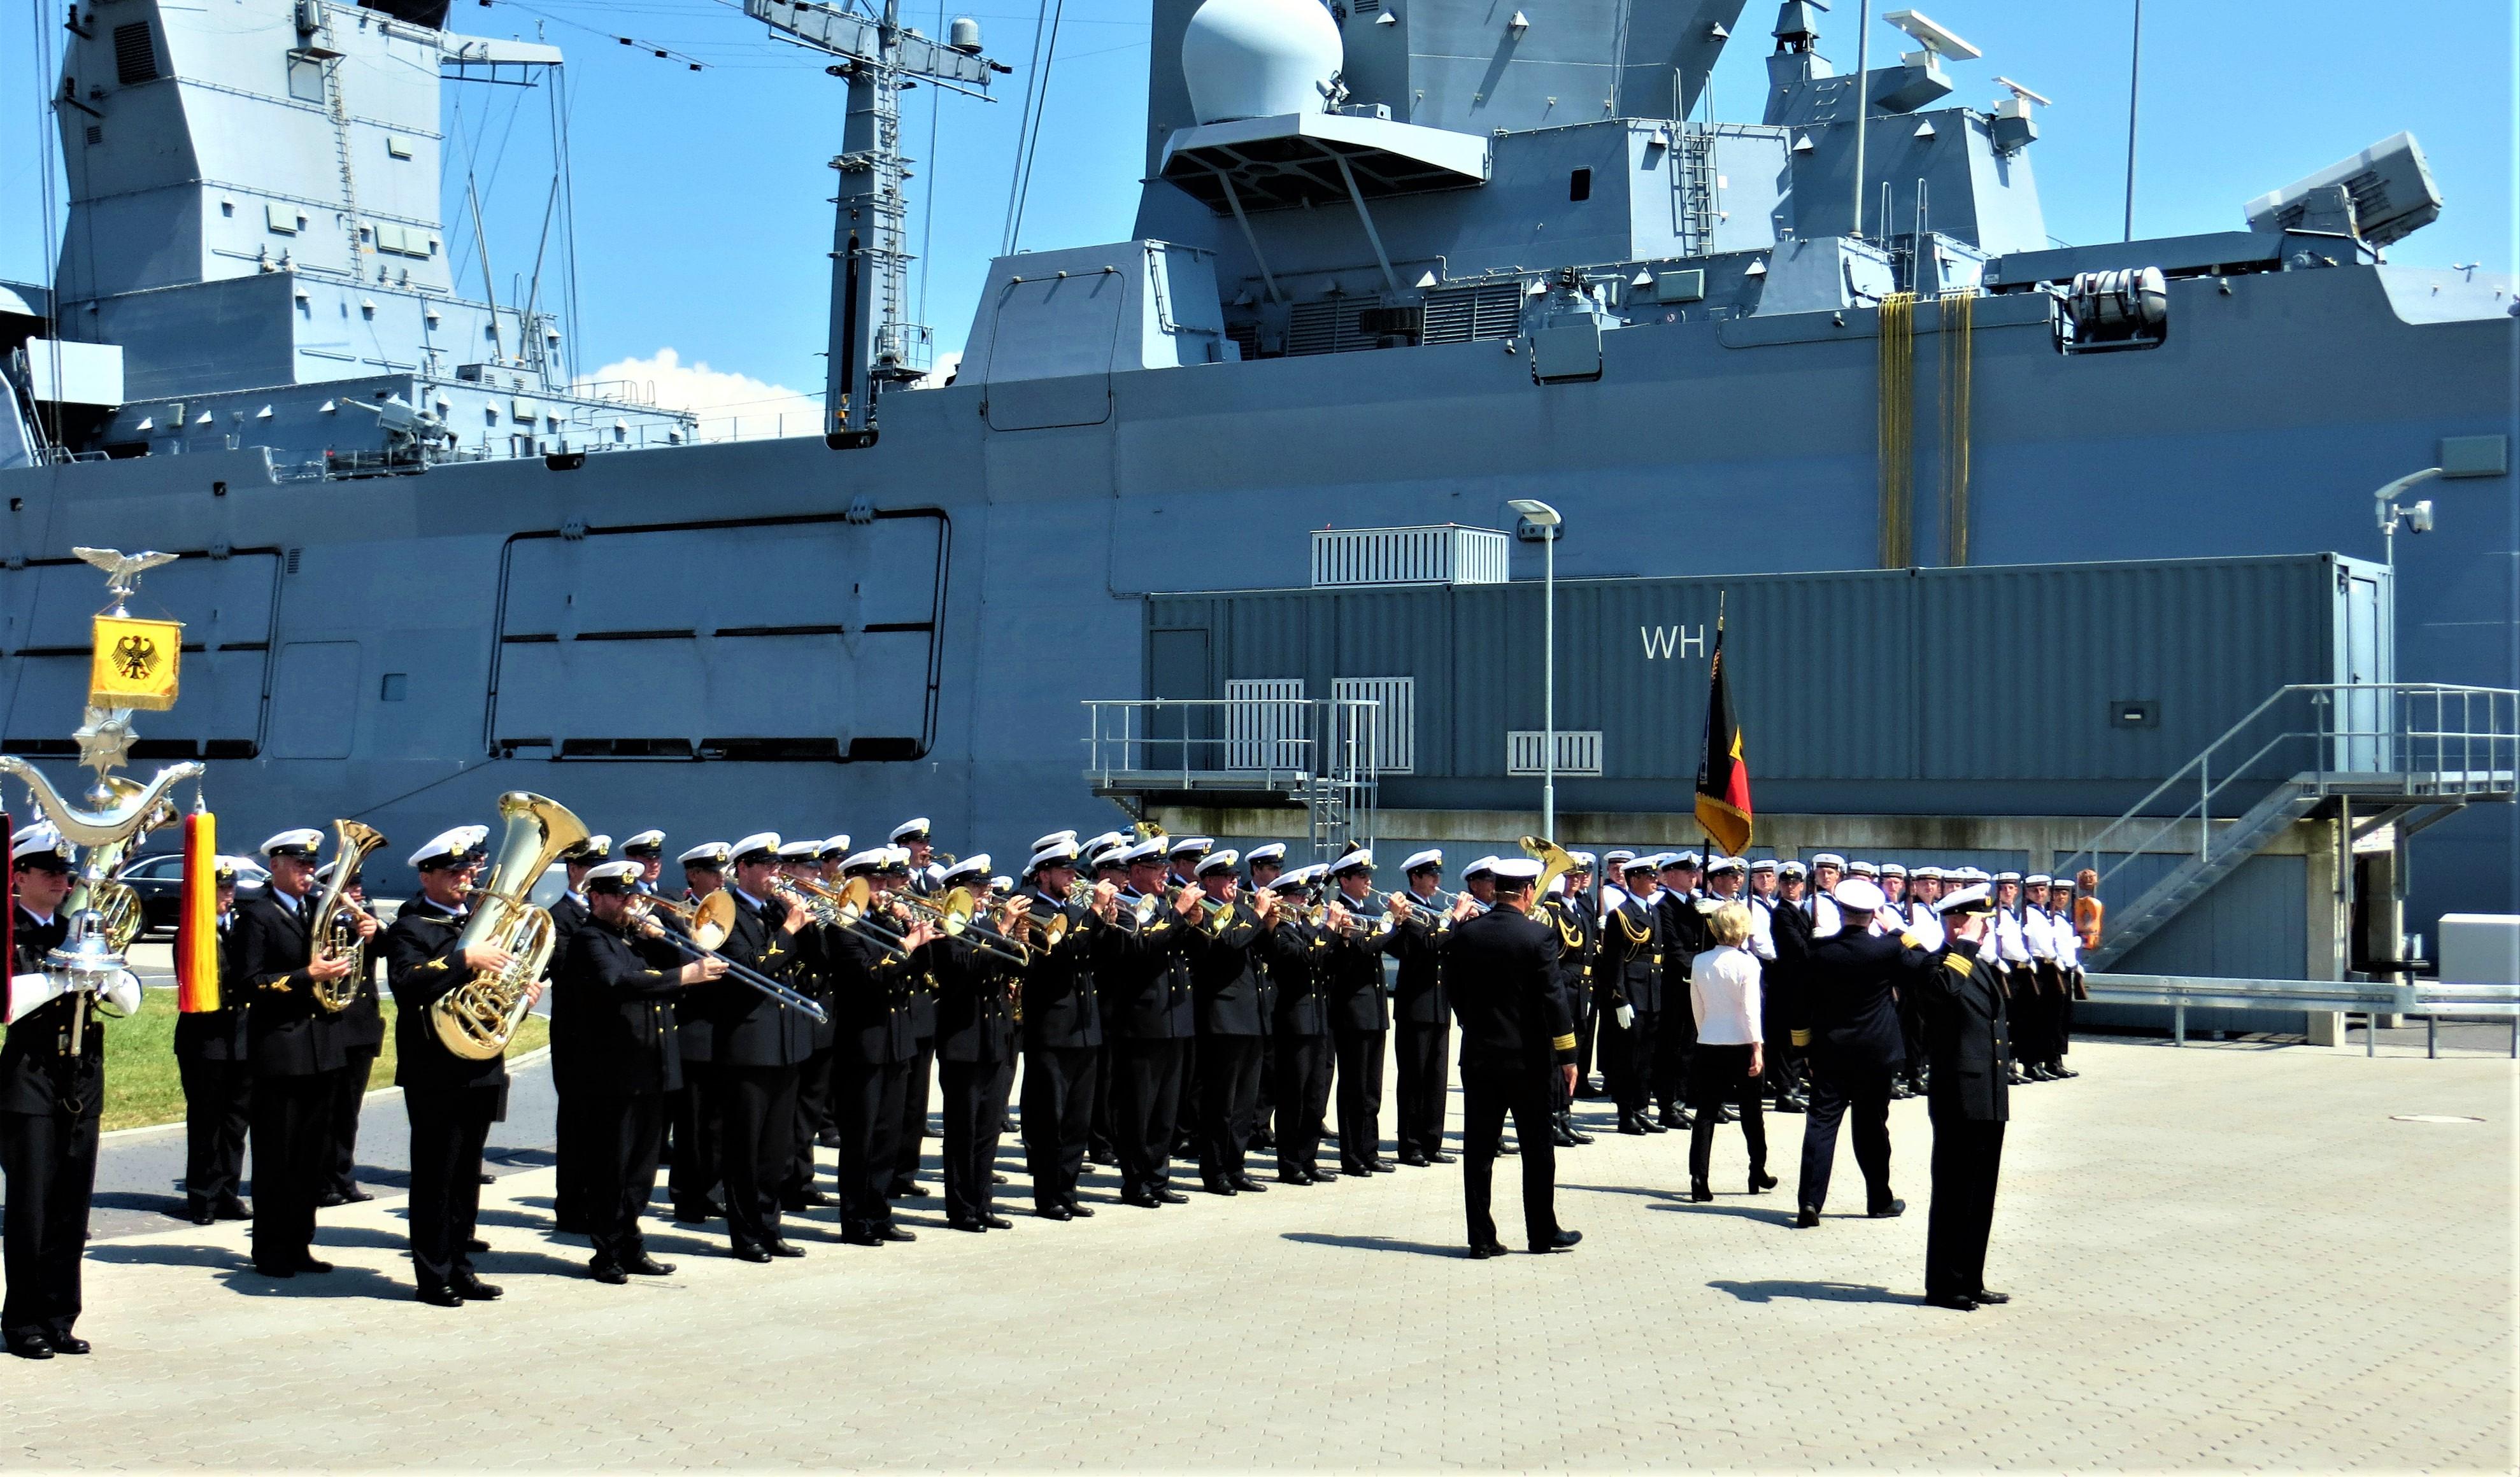 Indienststellung der Fregatte BADEN WÜRTTEMBERG, Abschreiten der Front, unter musikalischer Begleitung des Marinemusikcorps Kiel. Foto: Albert Ruff.